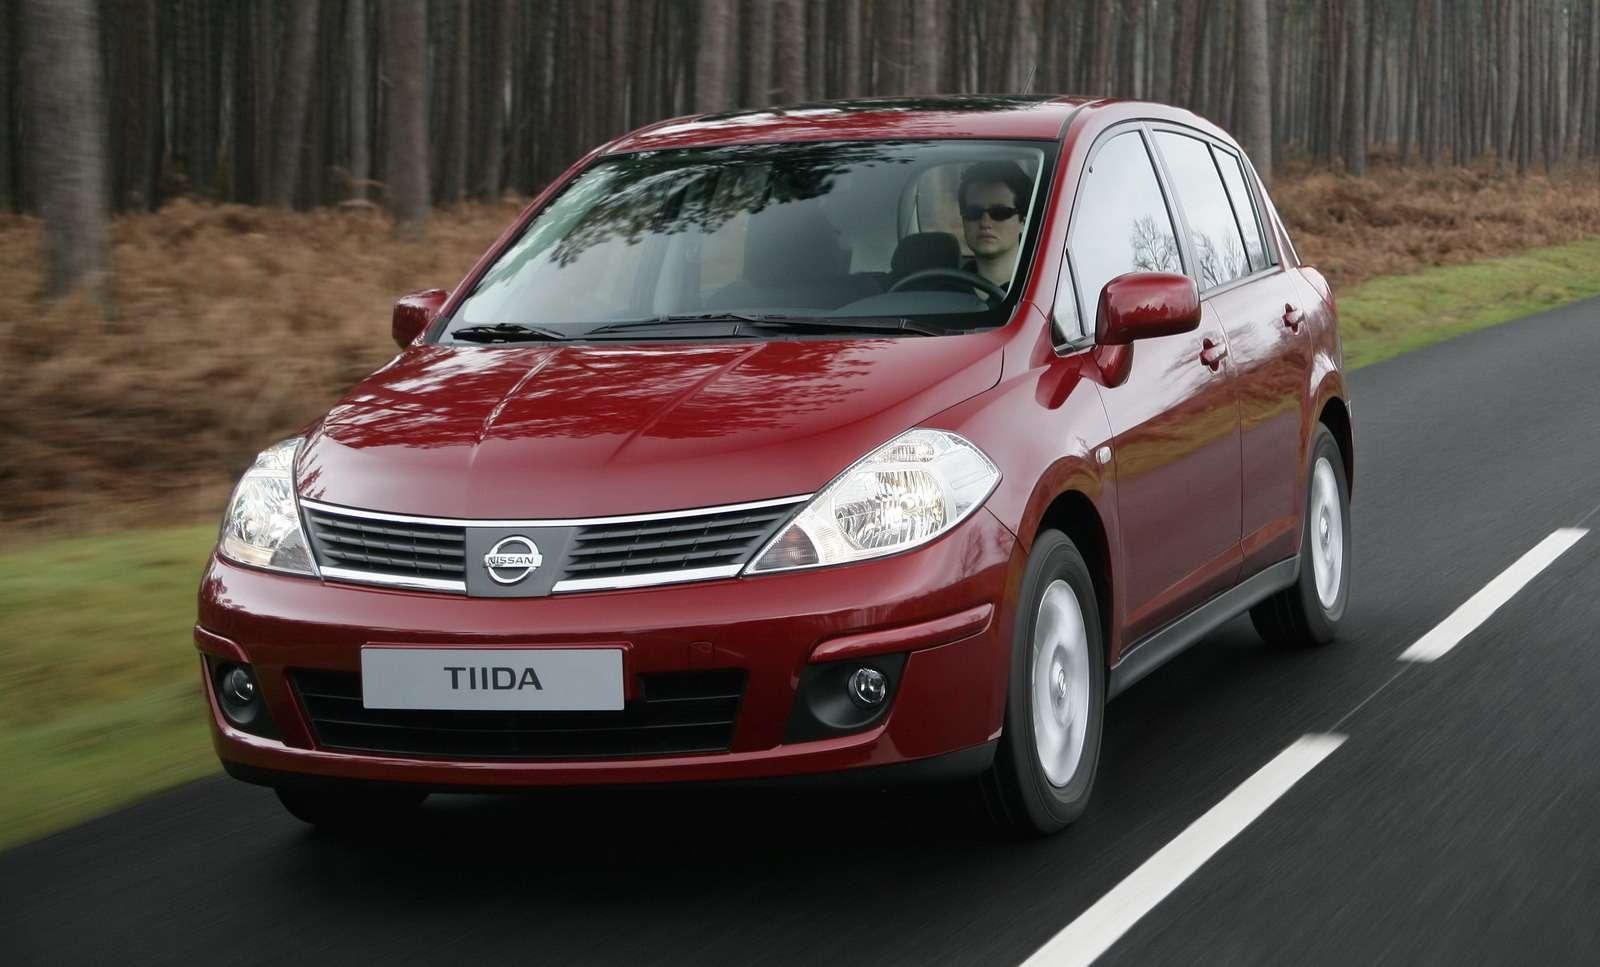 Машины за350-400 тысяч: самые достойные варианты— фото 1162901